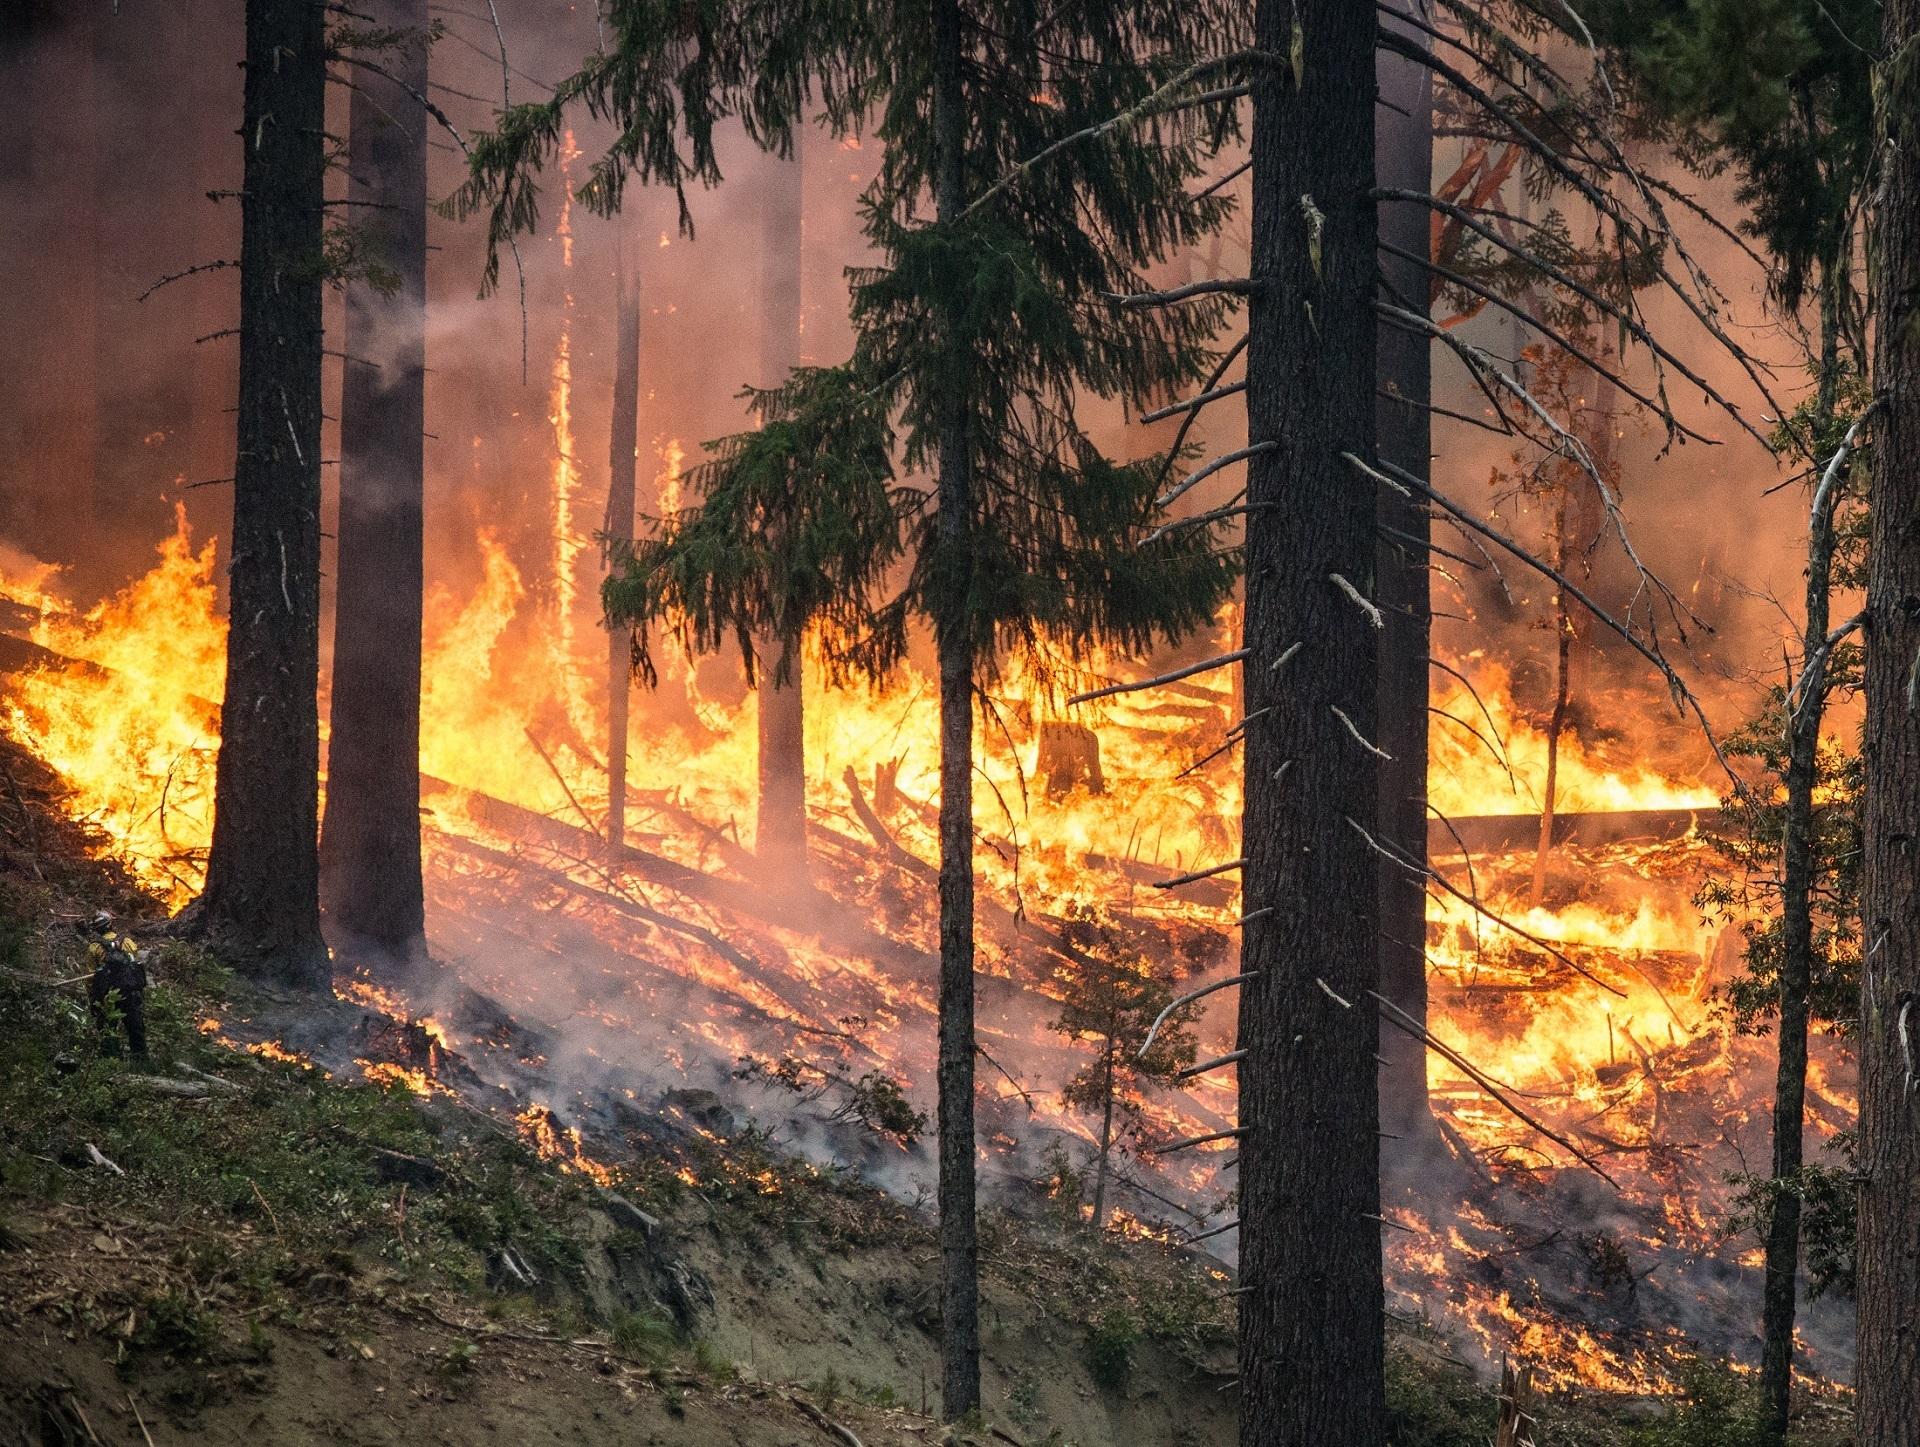 Científicos piden medir las consecuencias de talar los árboles de los bosques después de sufrir incendios, plagas o tormentas